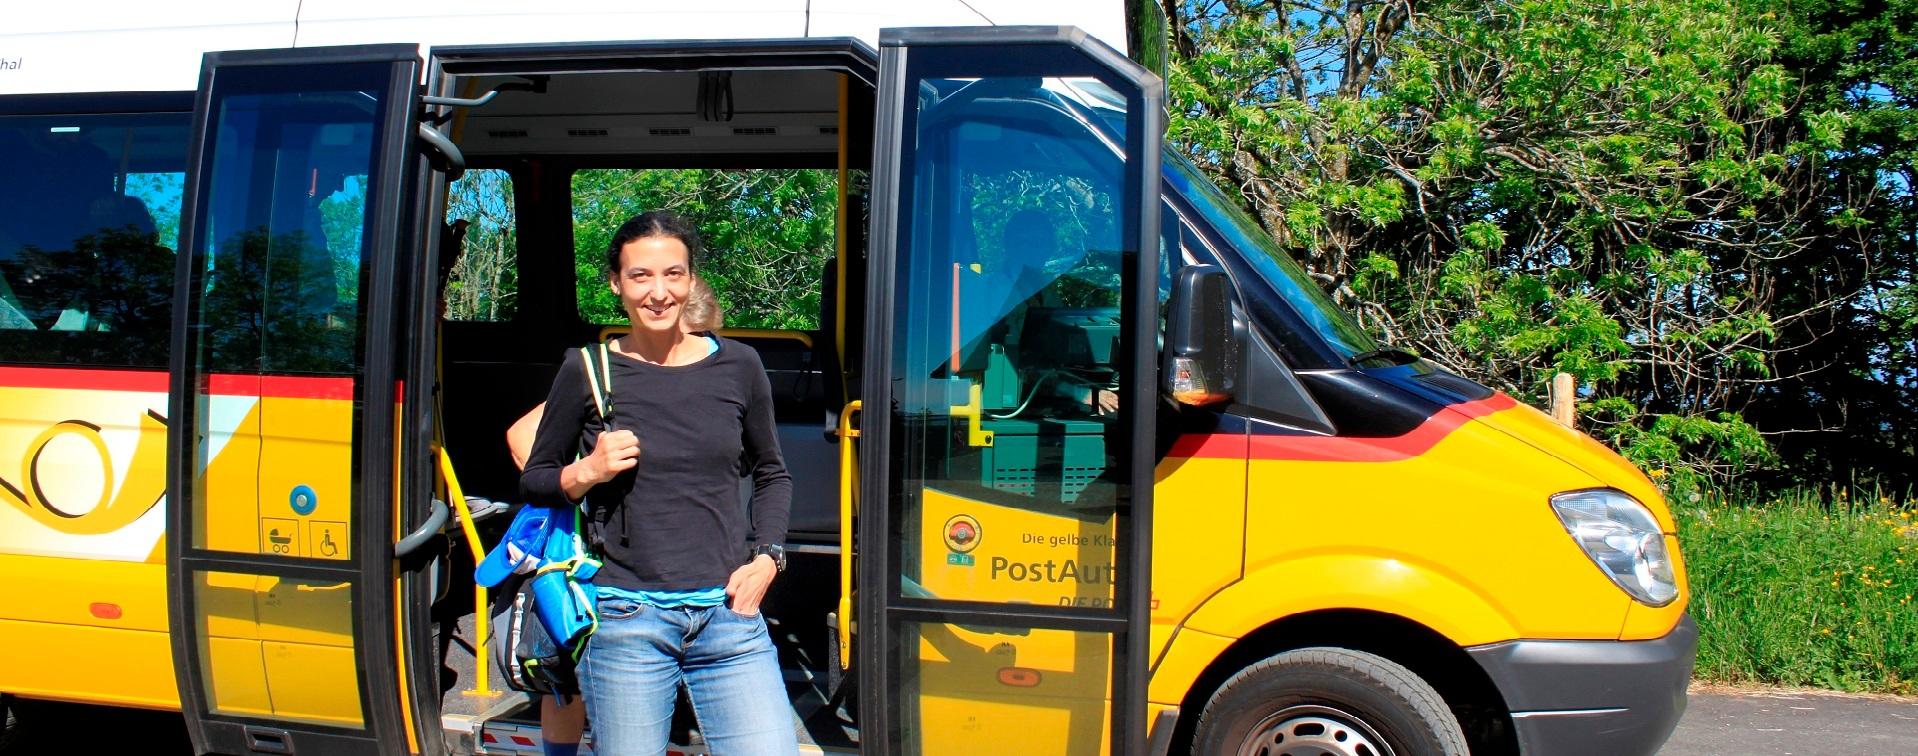 NaturparkBus - Oensingen-Balsthal-Bahn AG